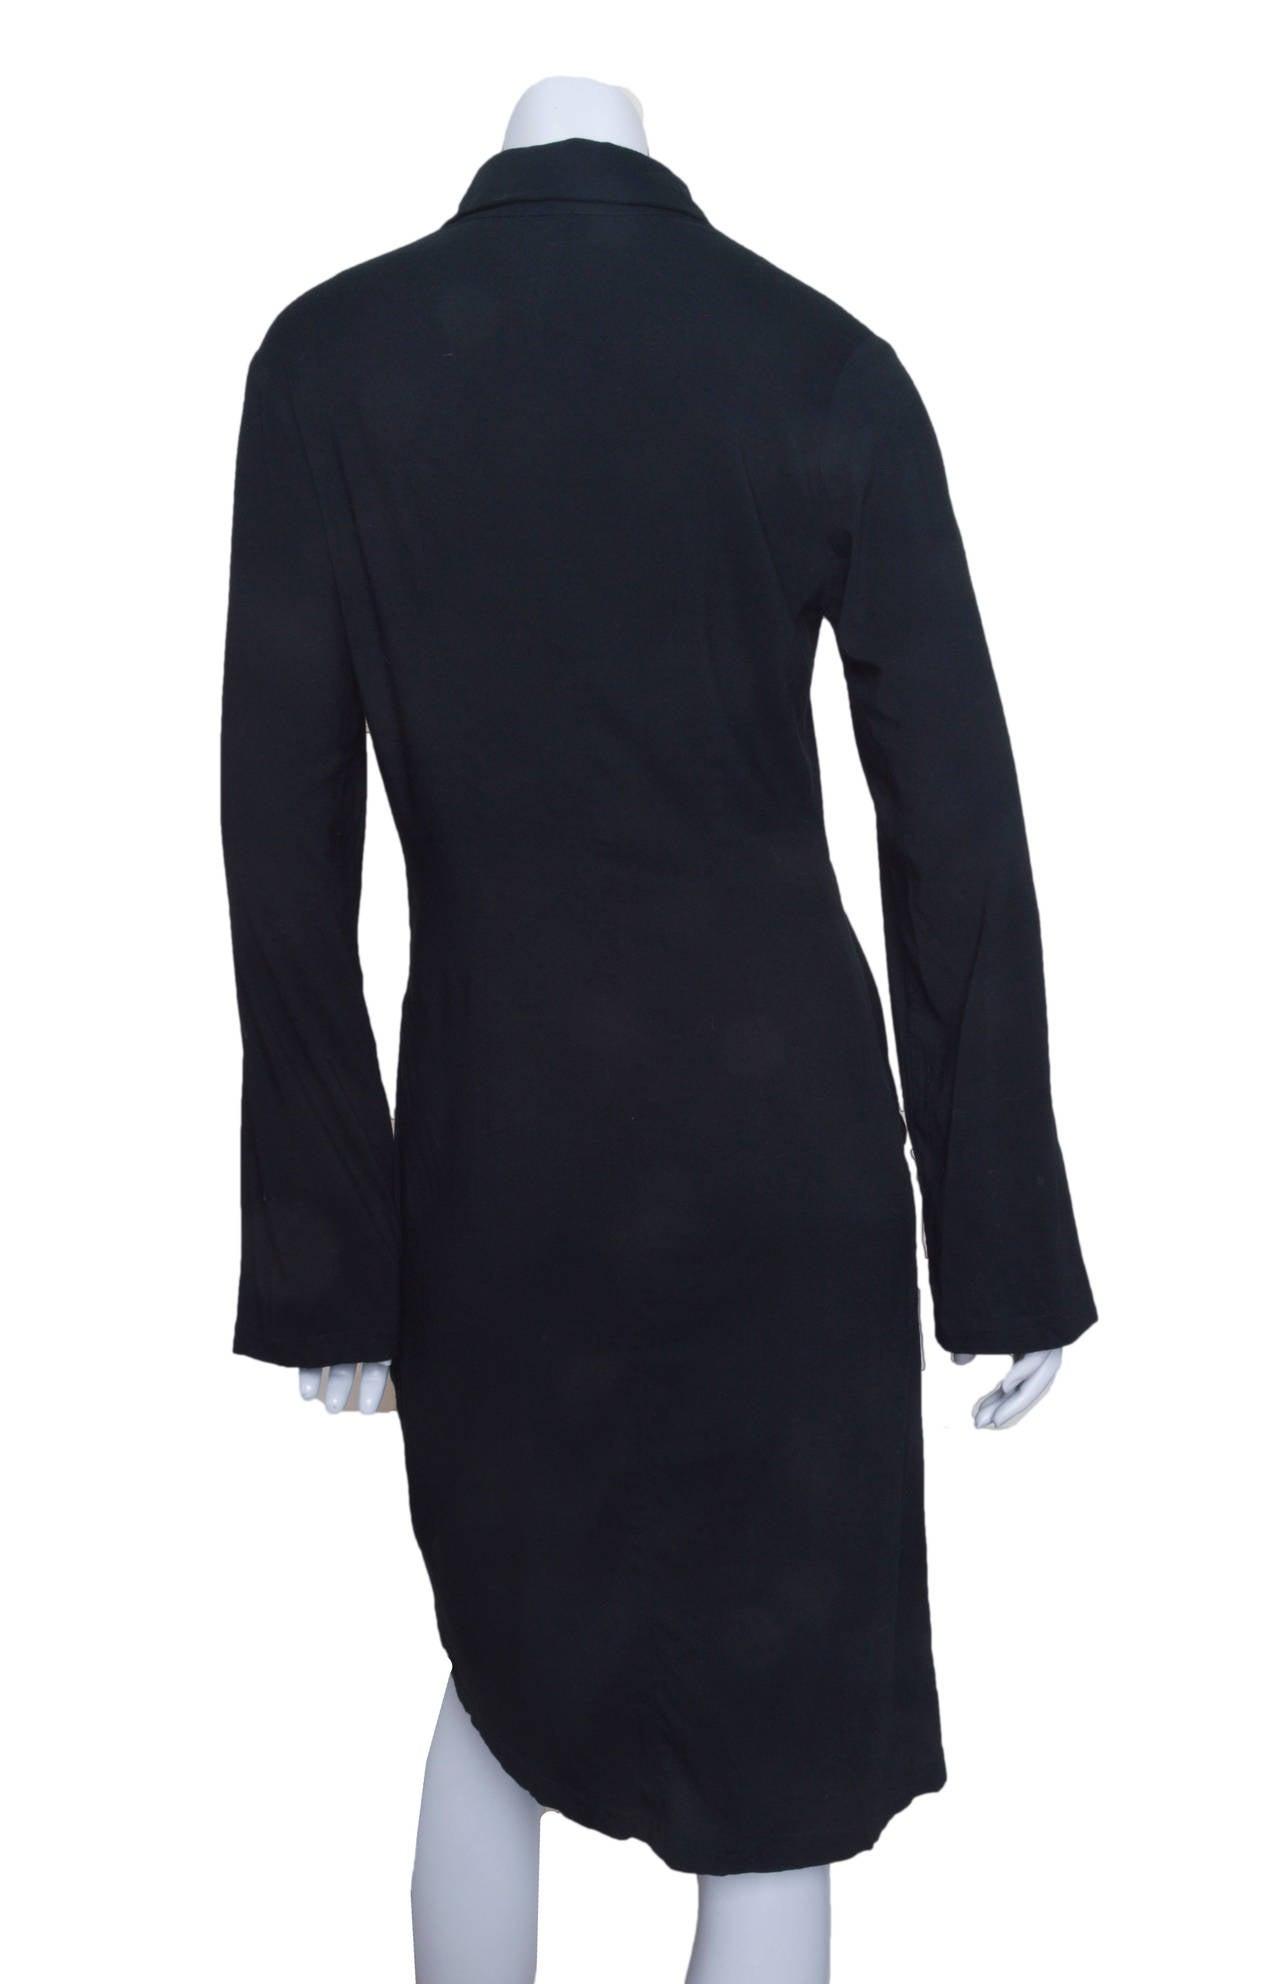 Ann Demeulemeester Asymmetrical Black Shirt Dress 3